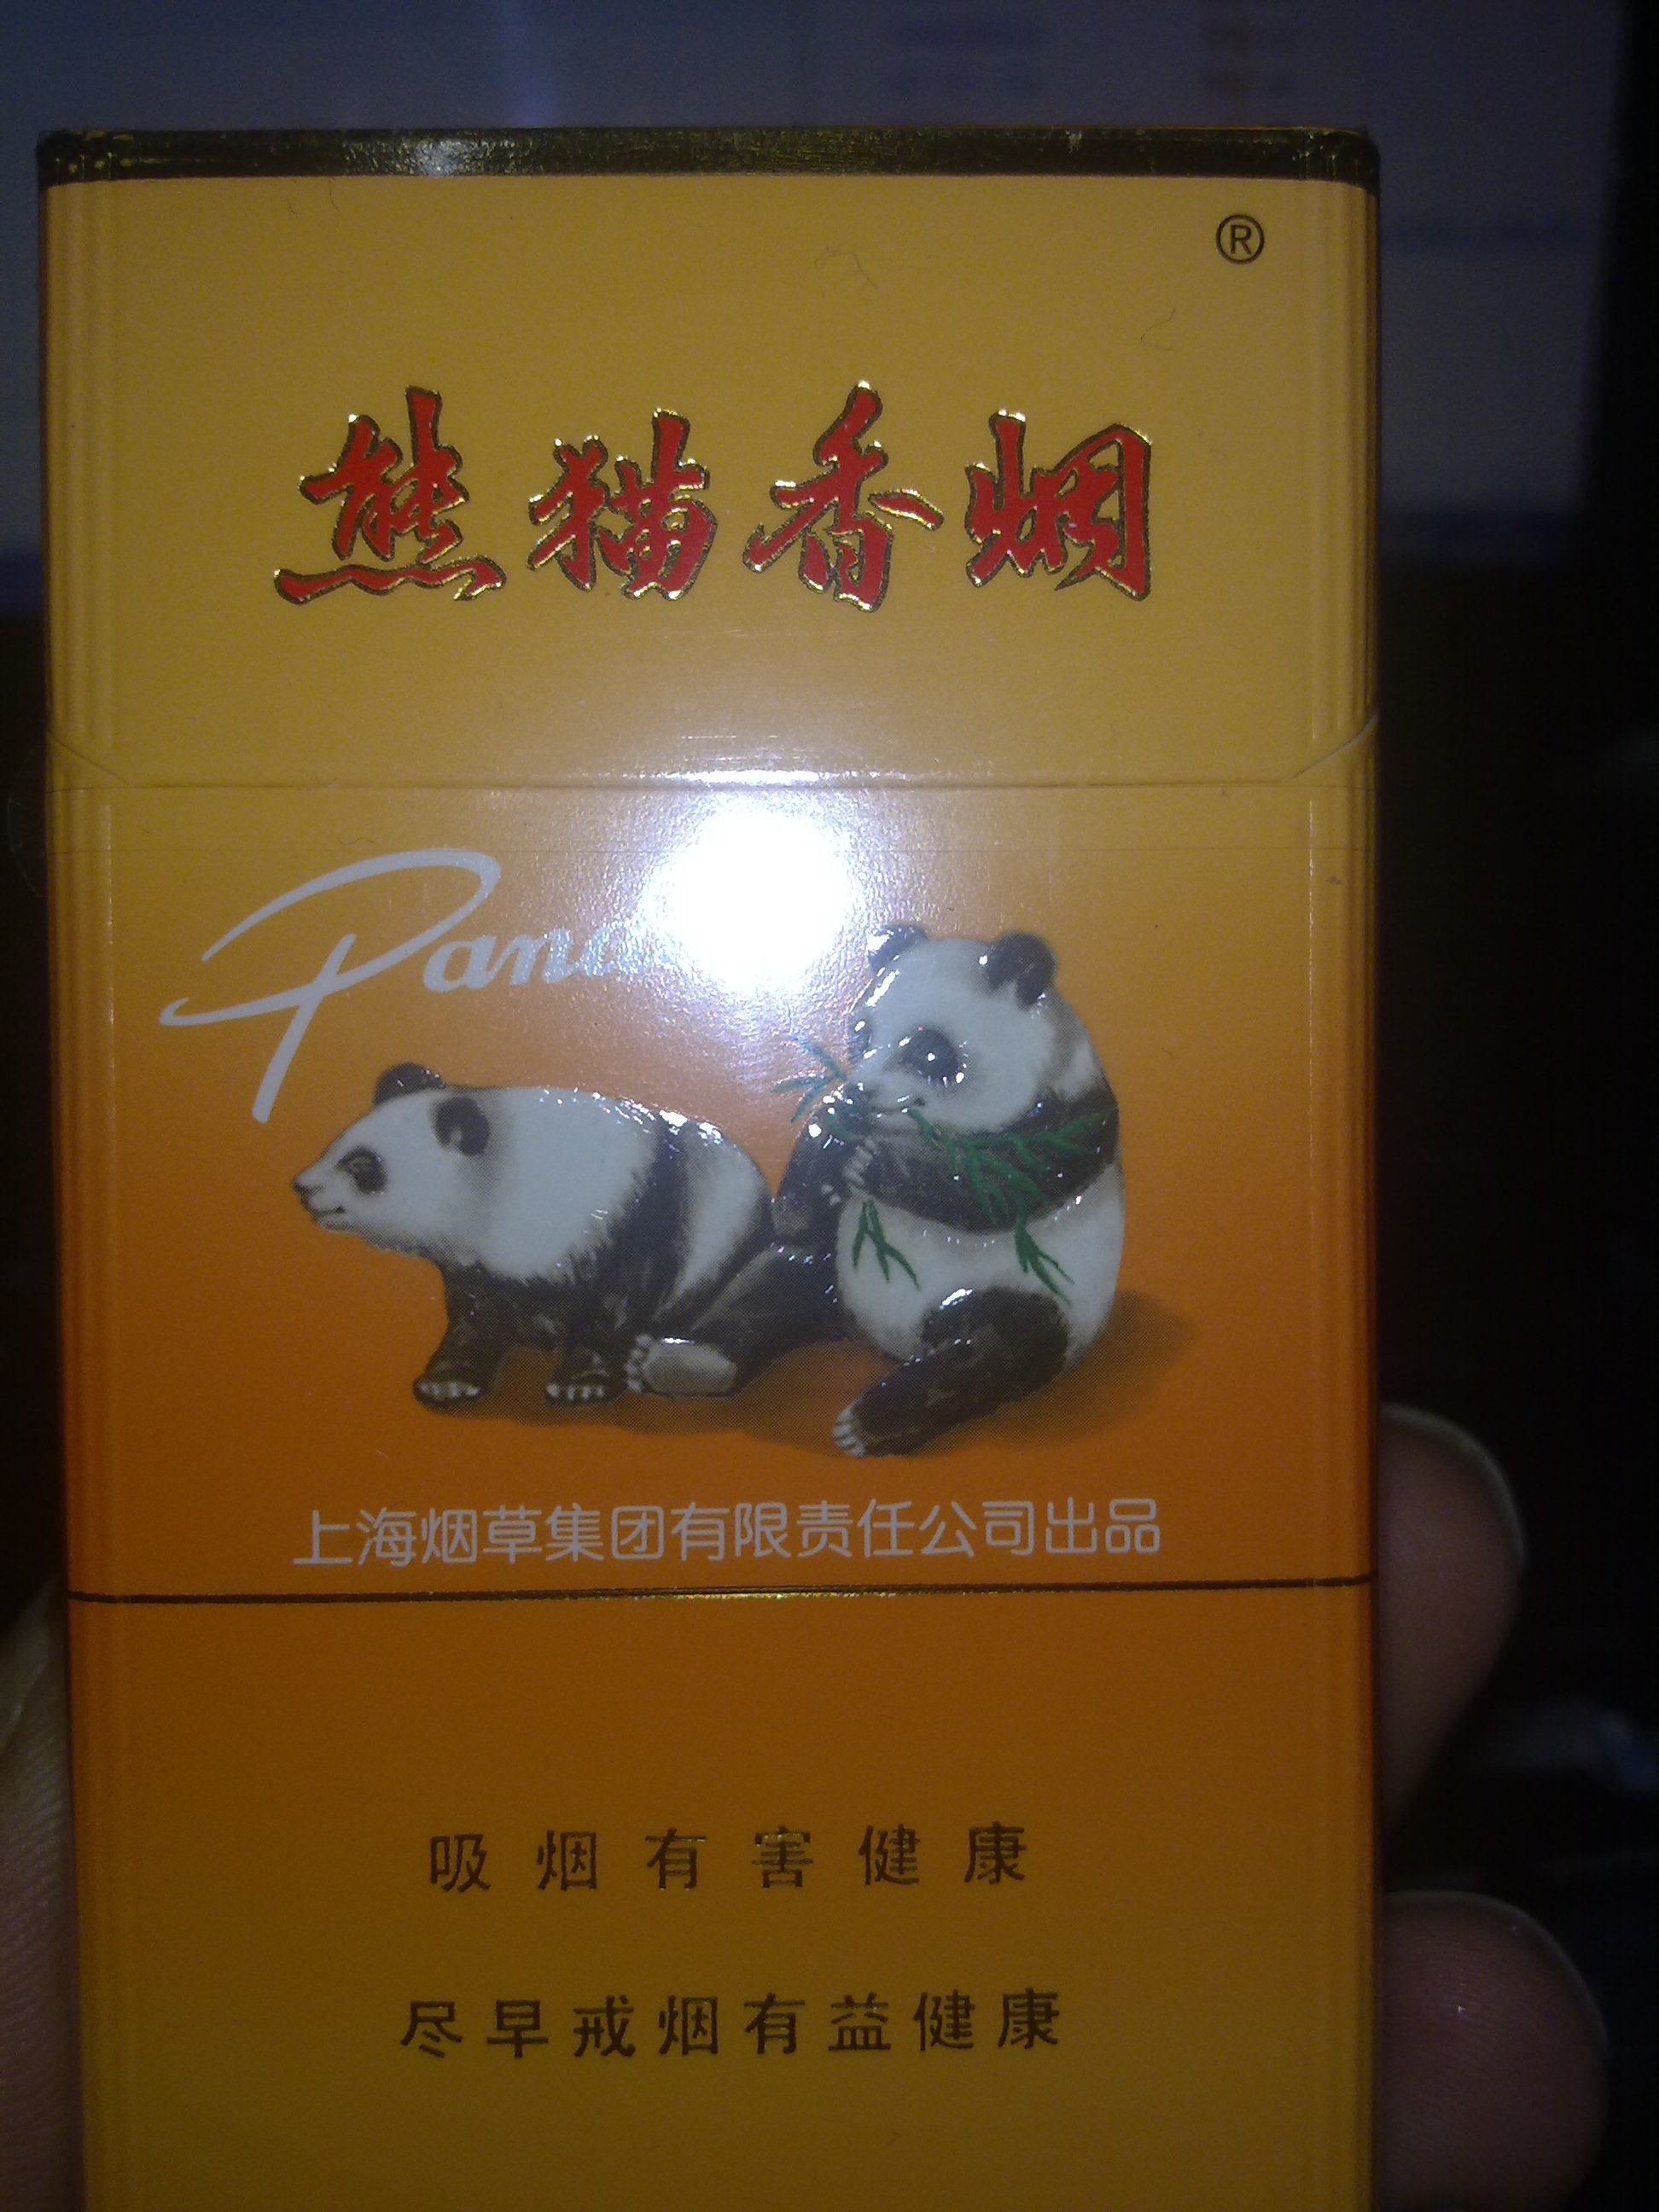 上海产骄子香烟编码6901028076258好多钱一包